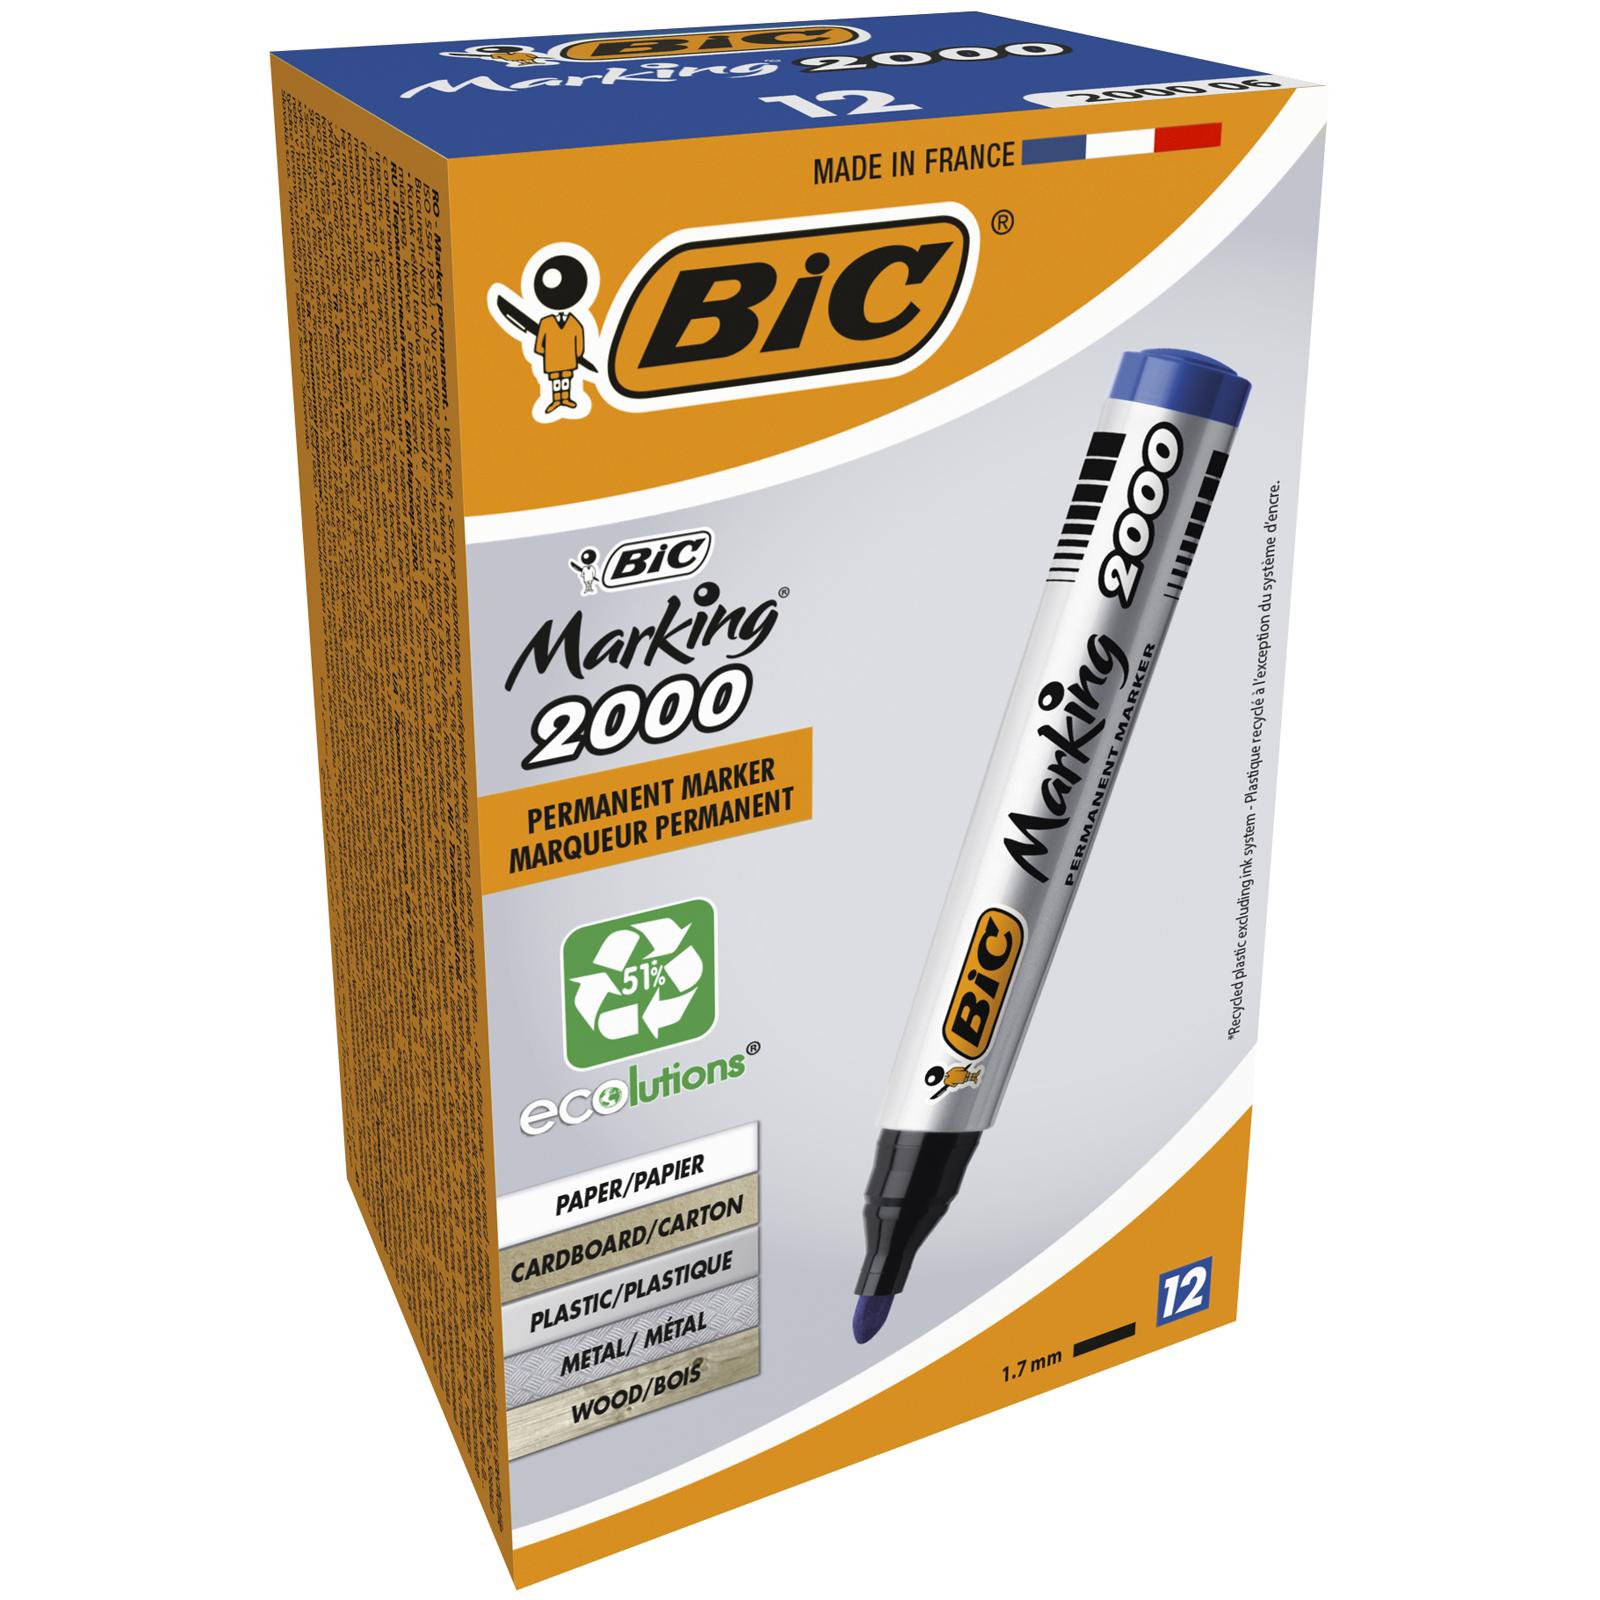 BIC MARKING 2000 - Pack de 12 marqueurs permanents - pointe ogive - bleu